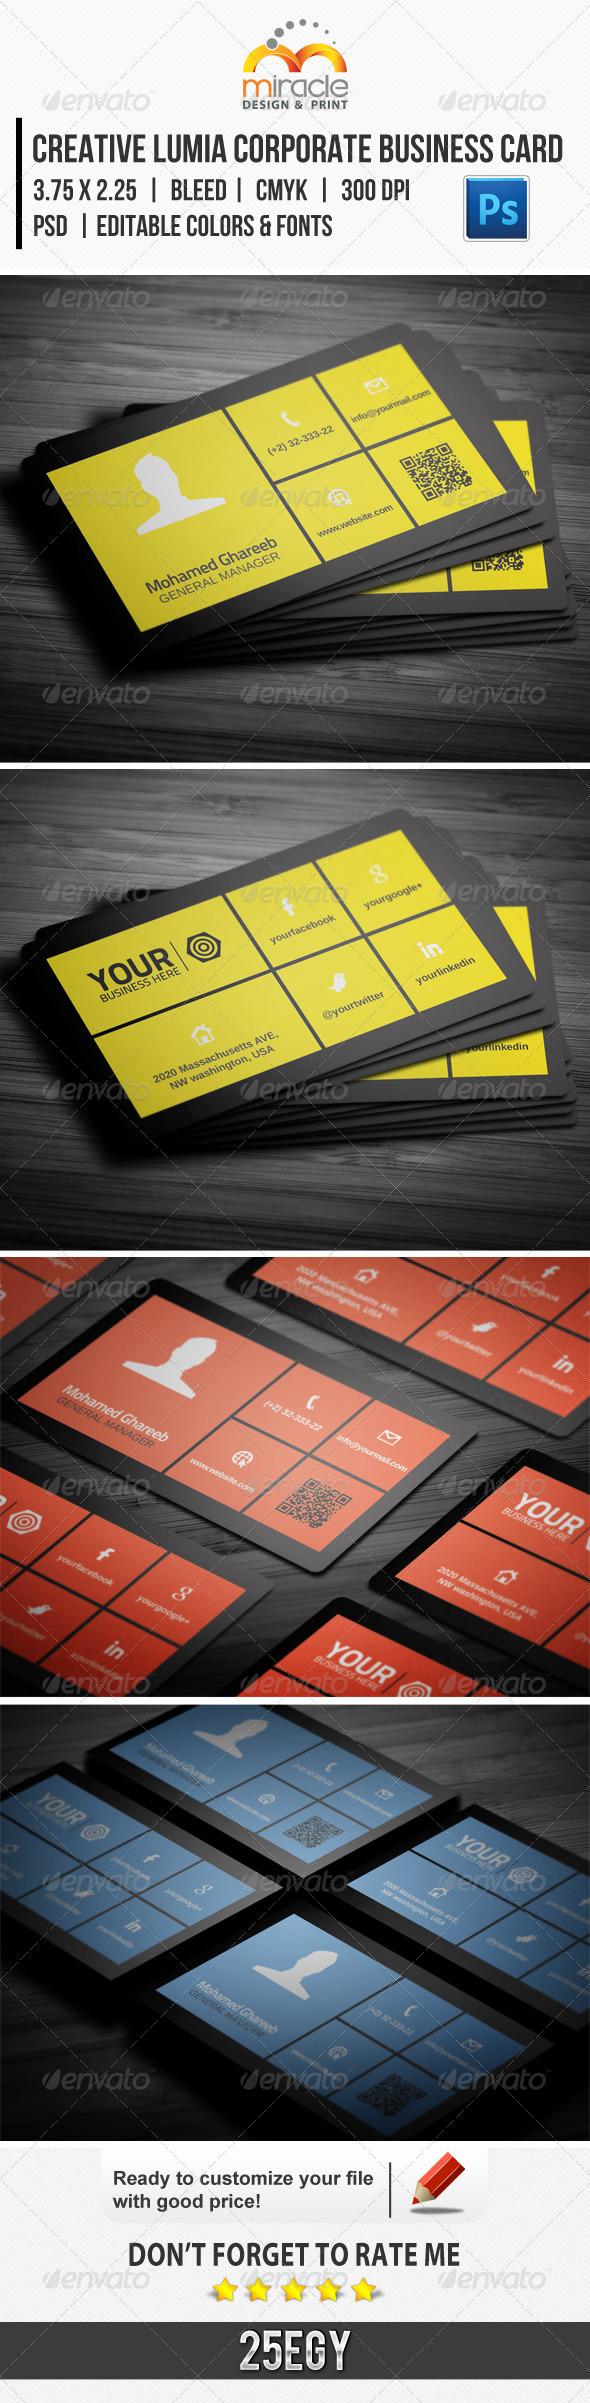 GraphicRiver Creative Lumia Corporate Business Card 5898212